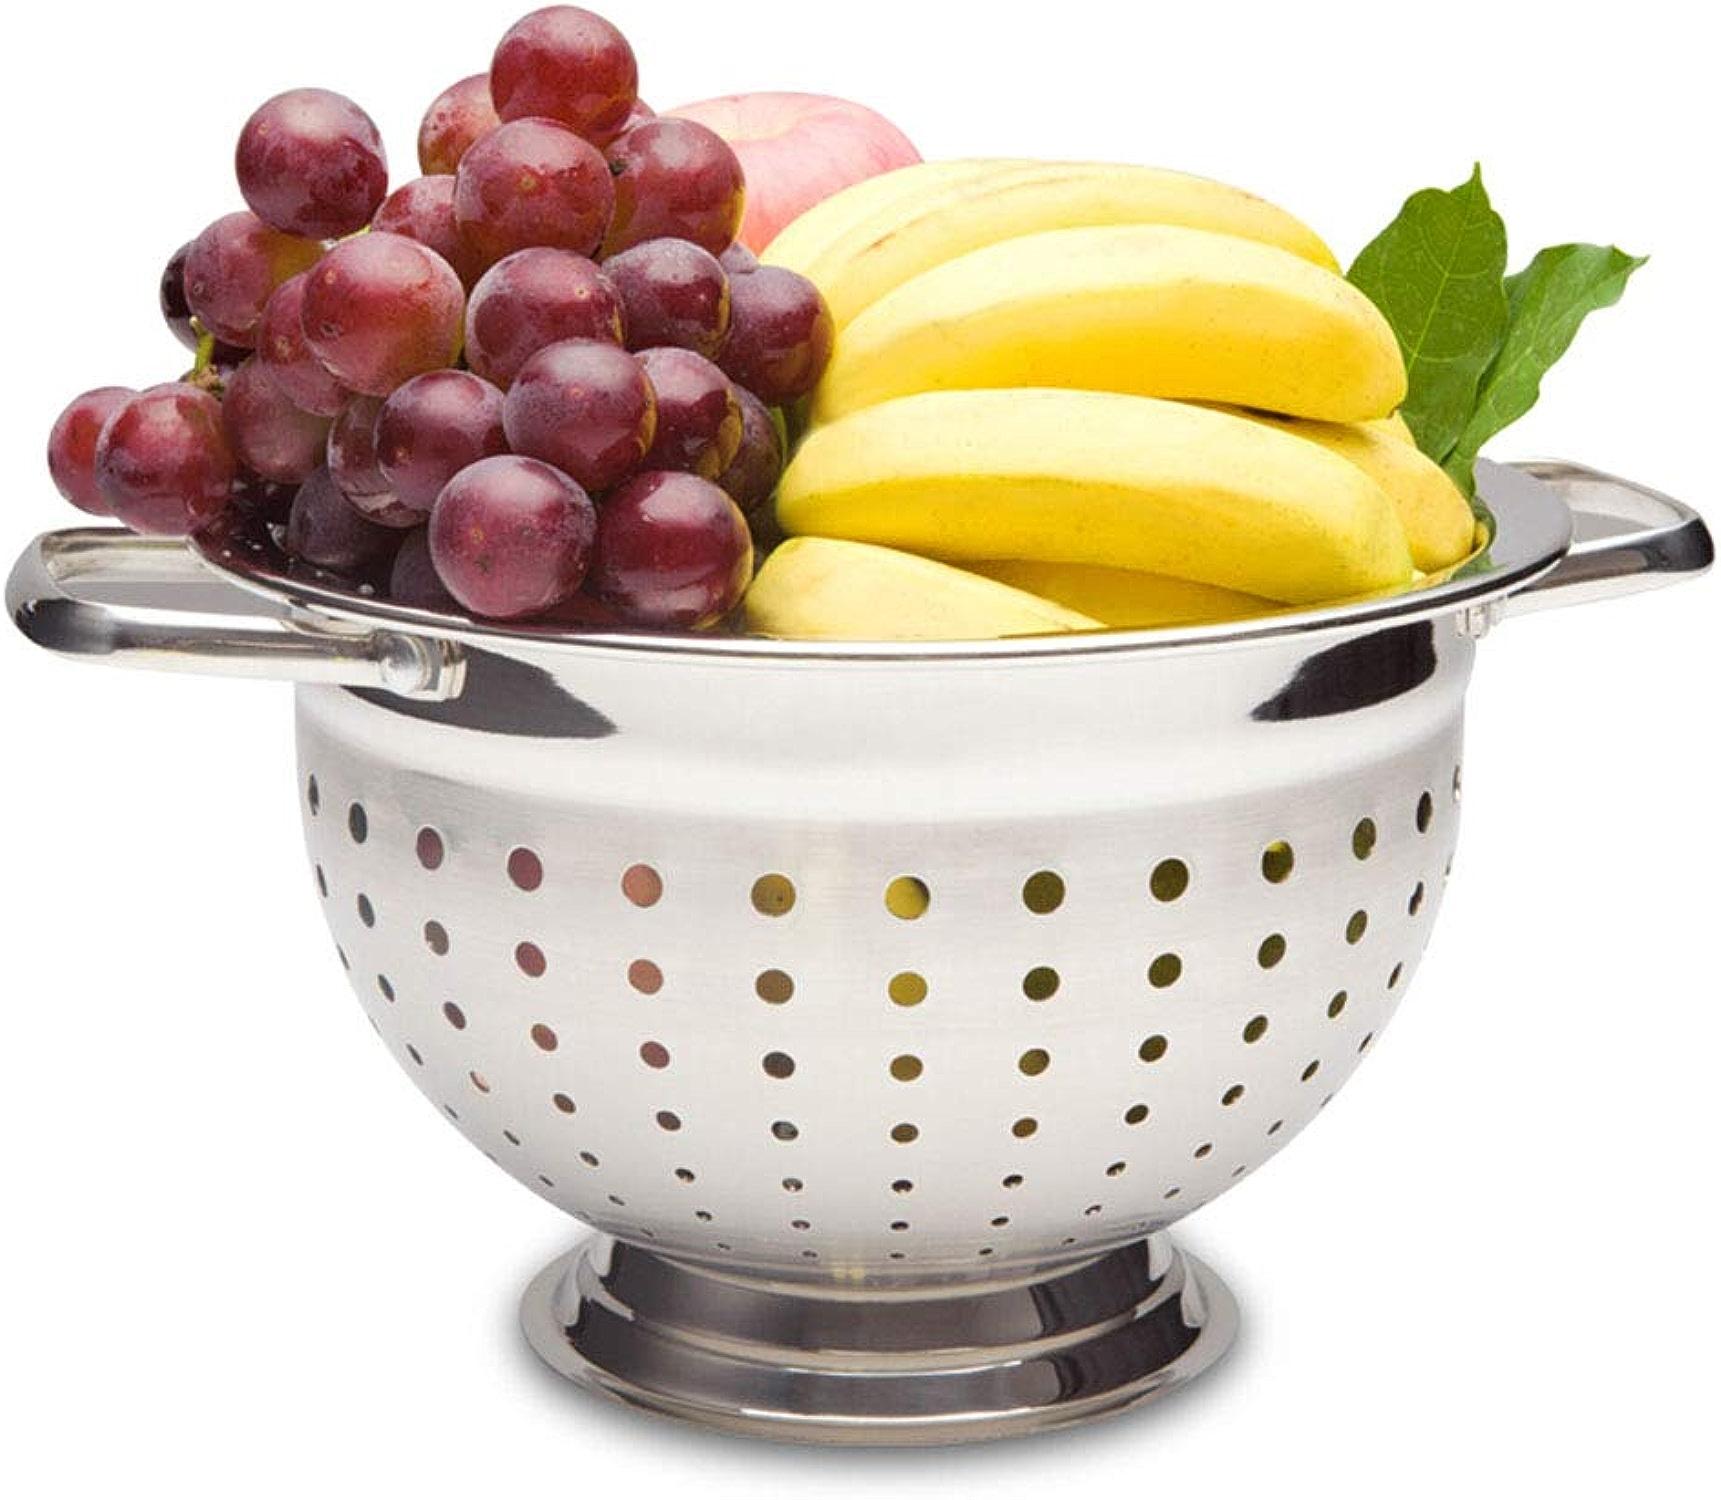 MWG Assiette de Fruits Multi-Fonctions antirouille Multi-usages Bassin INOX Bol à Fruits Bol Assiette de collation